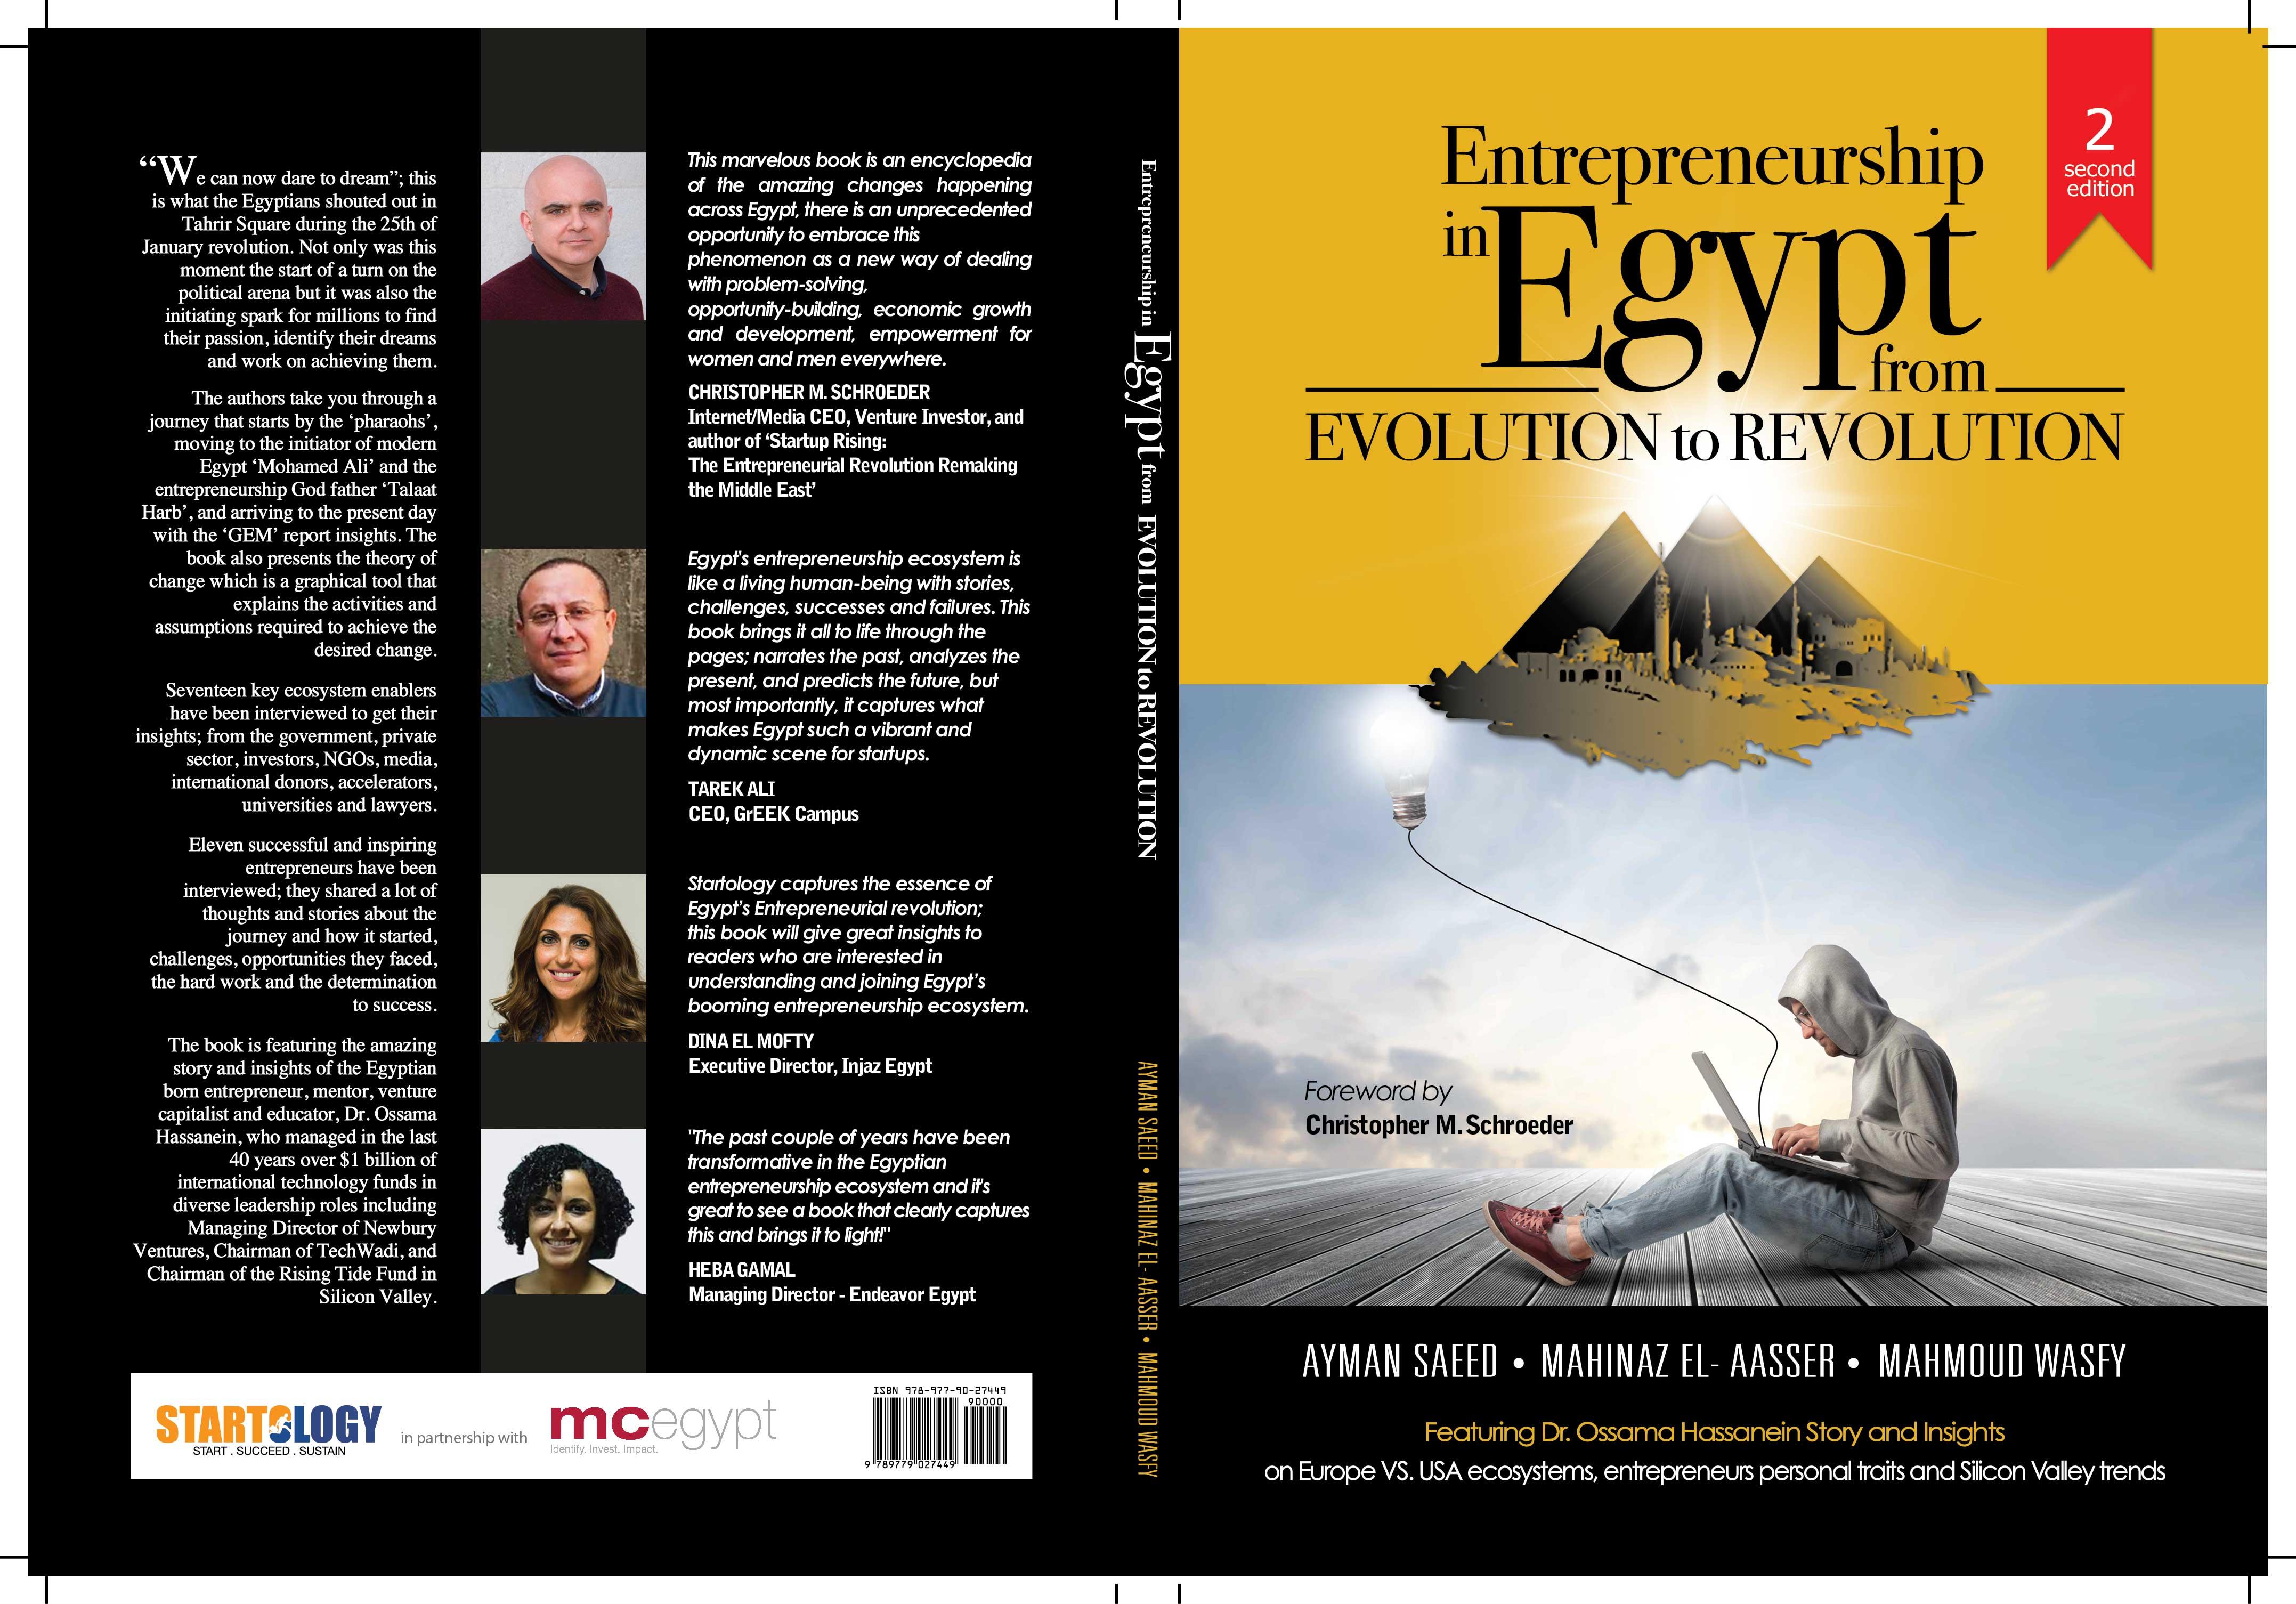 ''Entrepreneurship in Egypt, From Evolution To Revolution'', the new book by startology